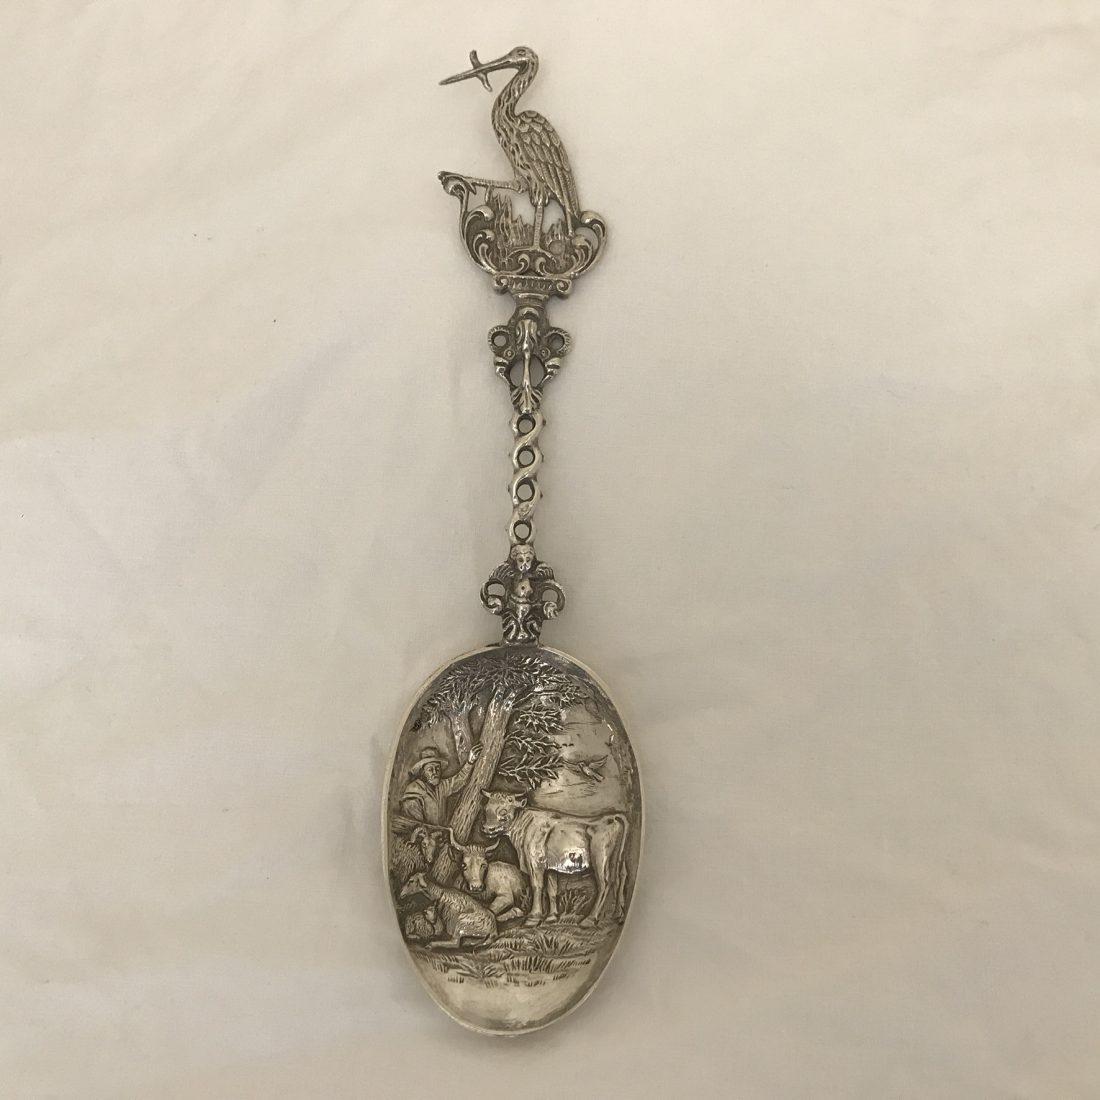 Zilveren geboortelepel, Den Haag, 1914